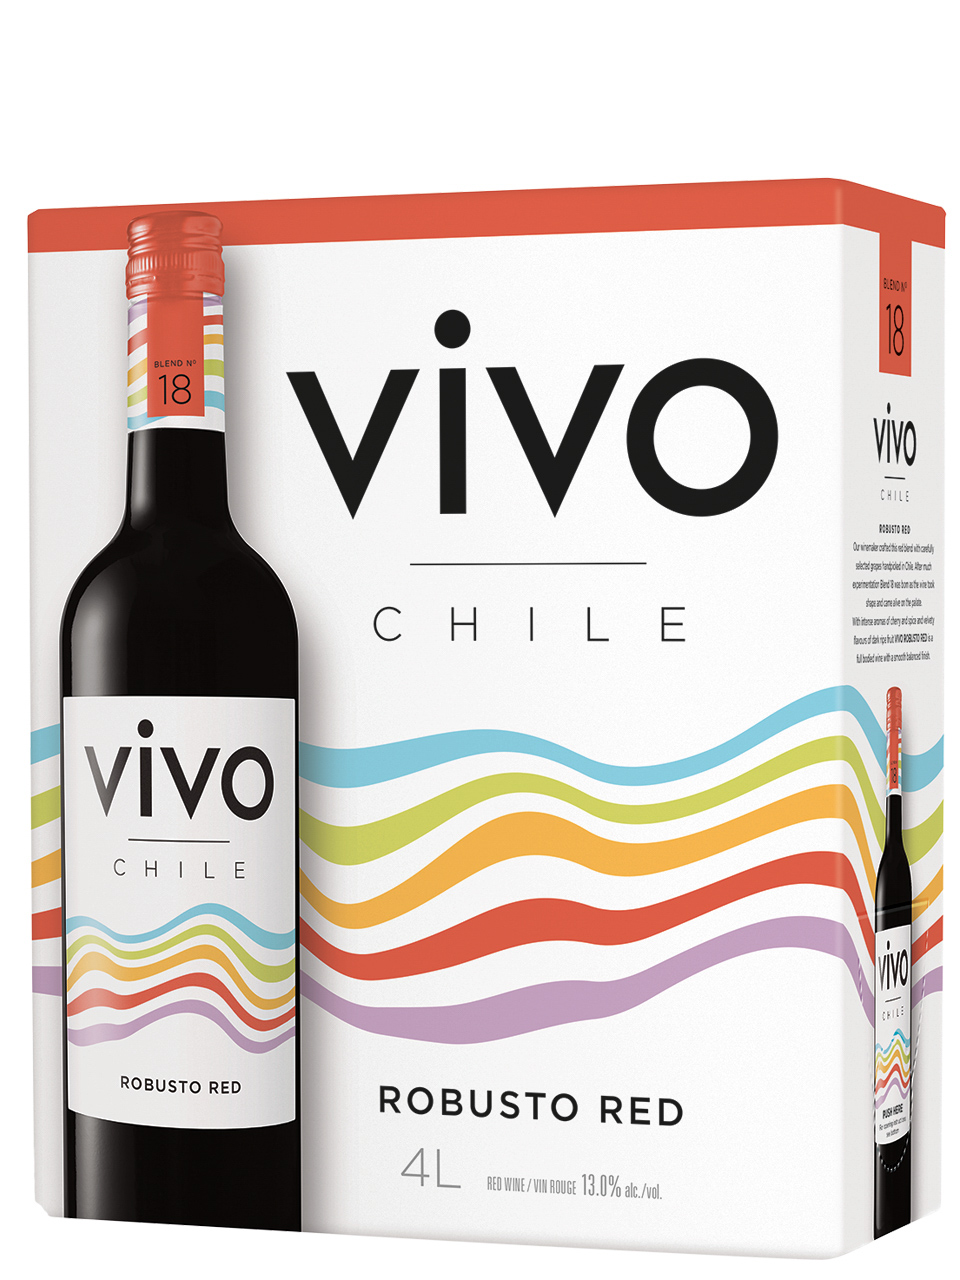 VIVO Rojo